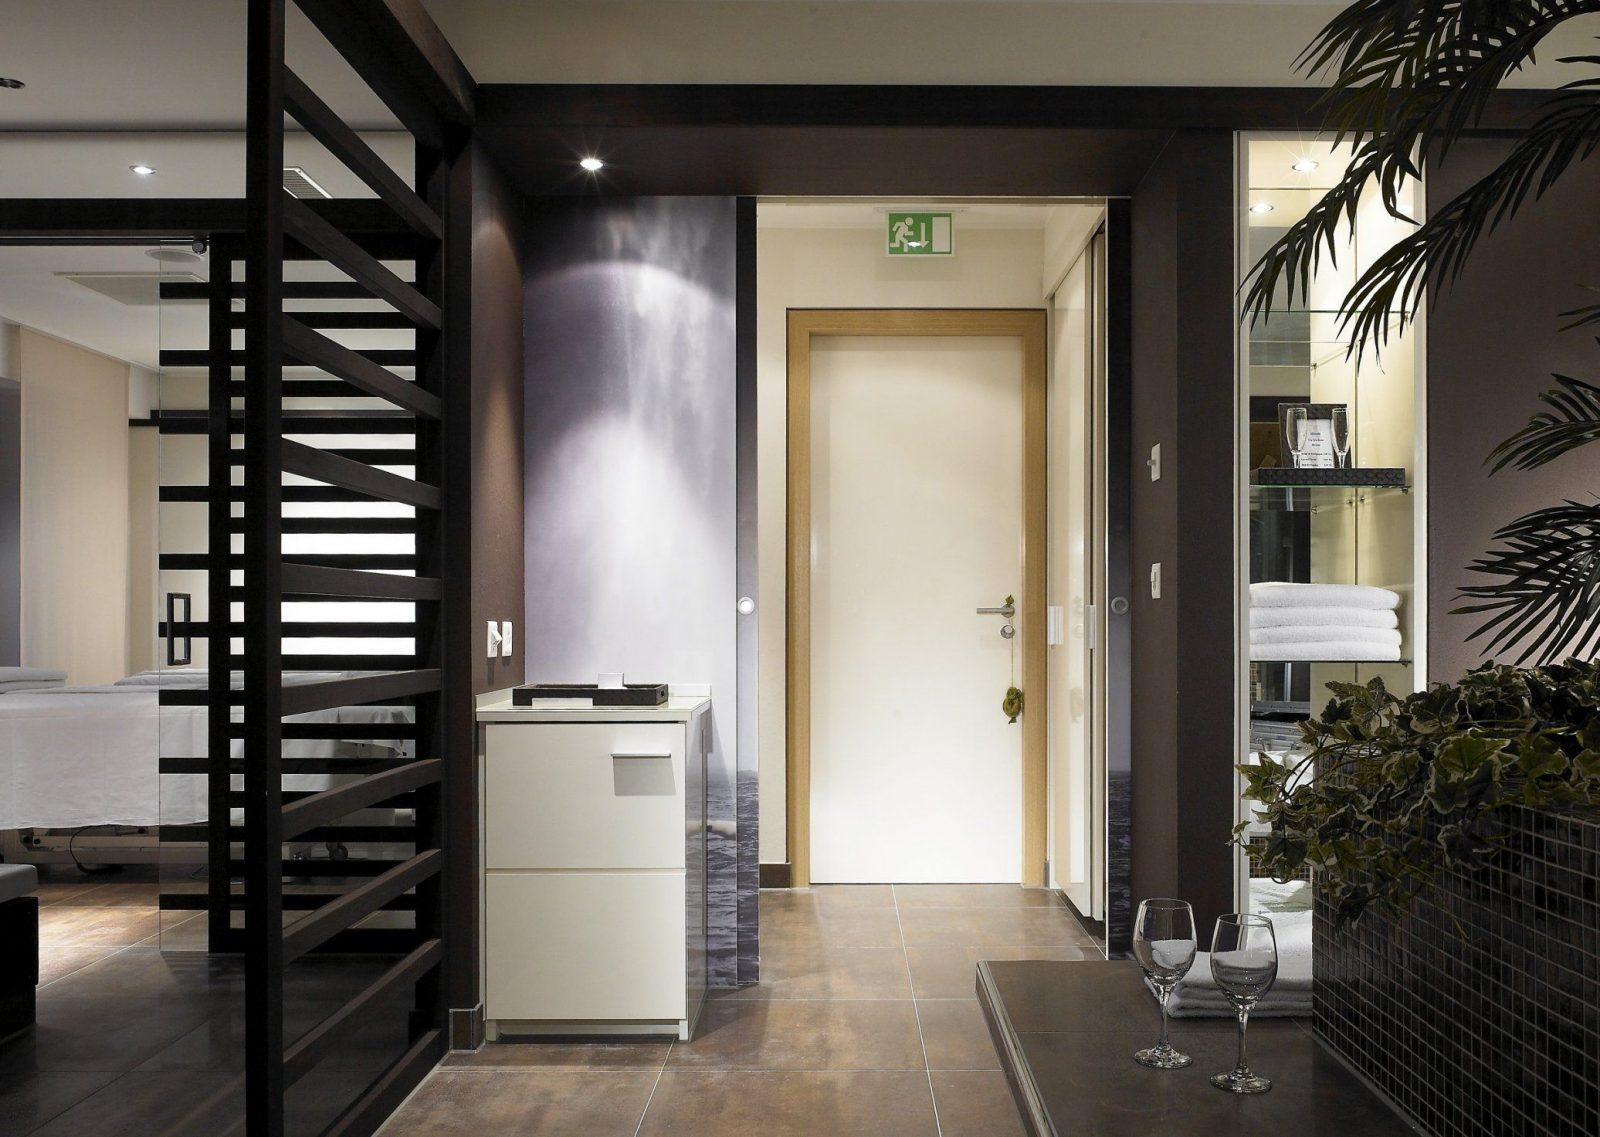 Fresh Erfreut Flur Ideen Fur Den Eingangsraum Ideen Die Designideen von Flur Ideen Für Den Eingangsraum Photo